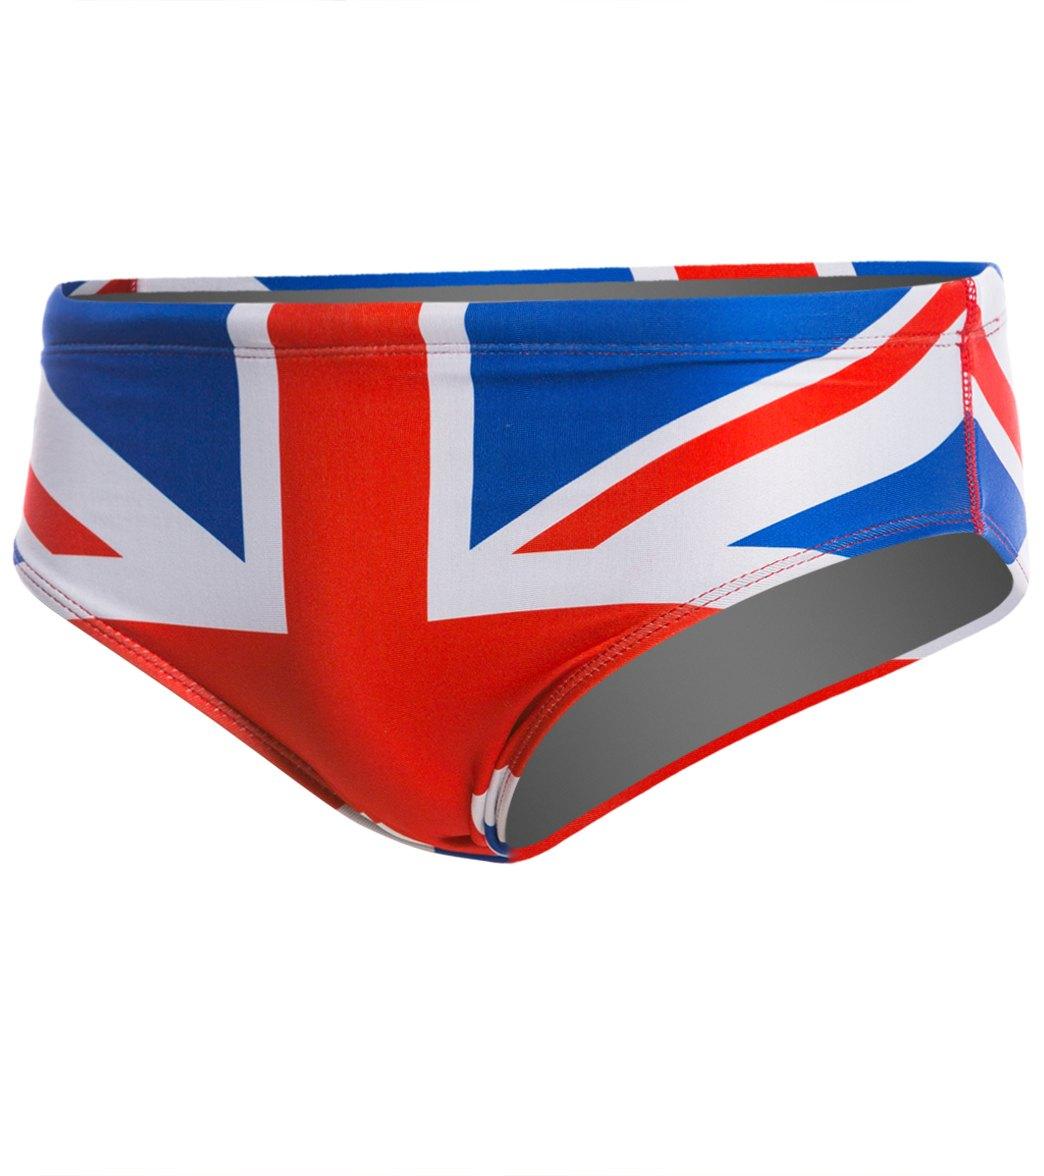 80c3ca10a9 Splish Union Jack Brief Swimsuit at SwimOutlet.com